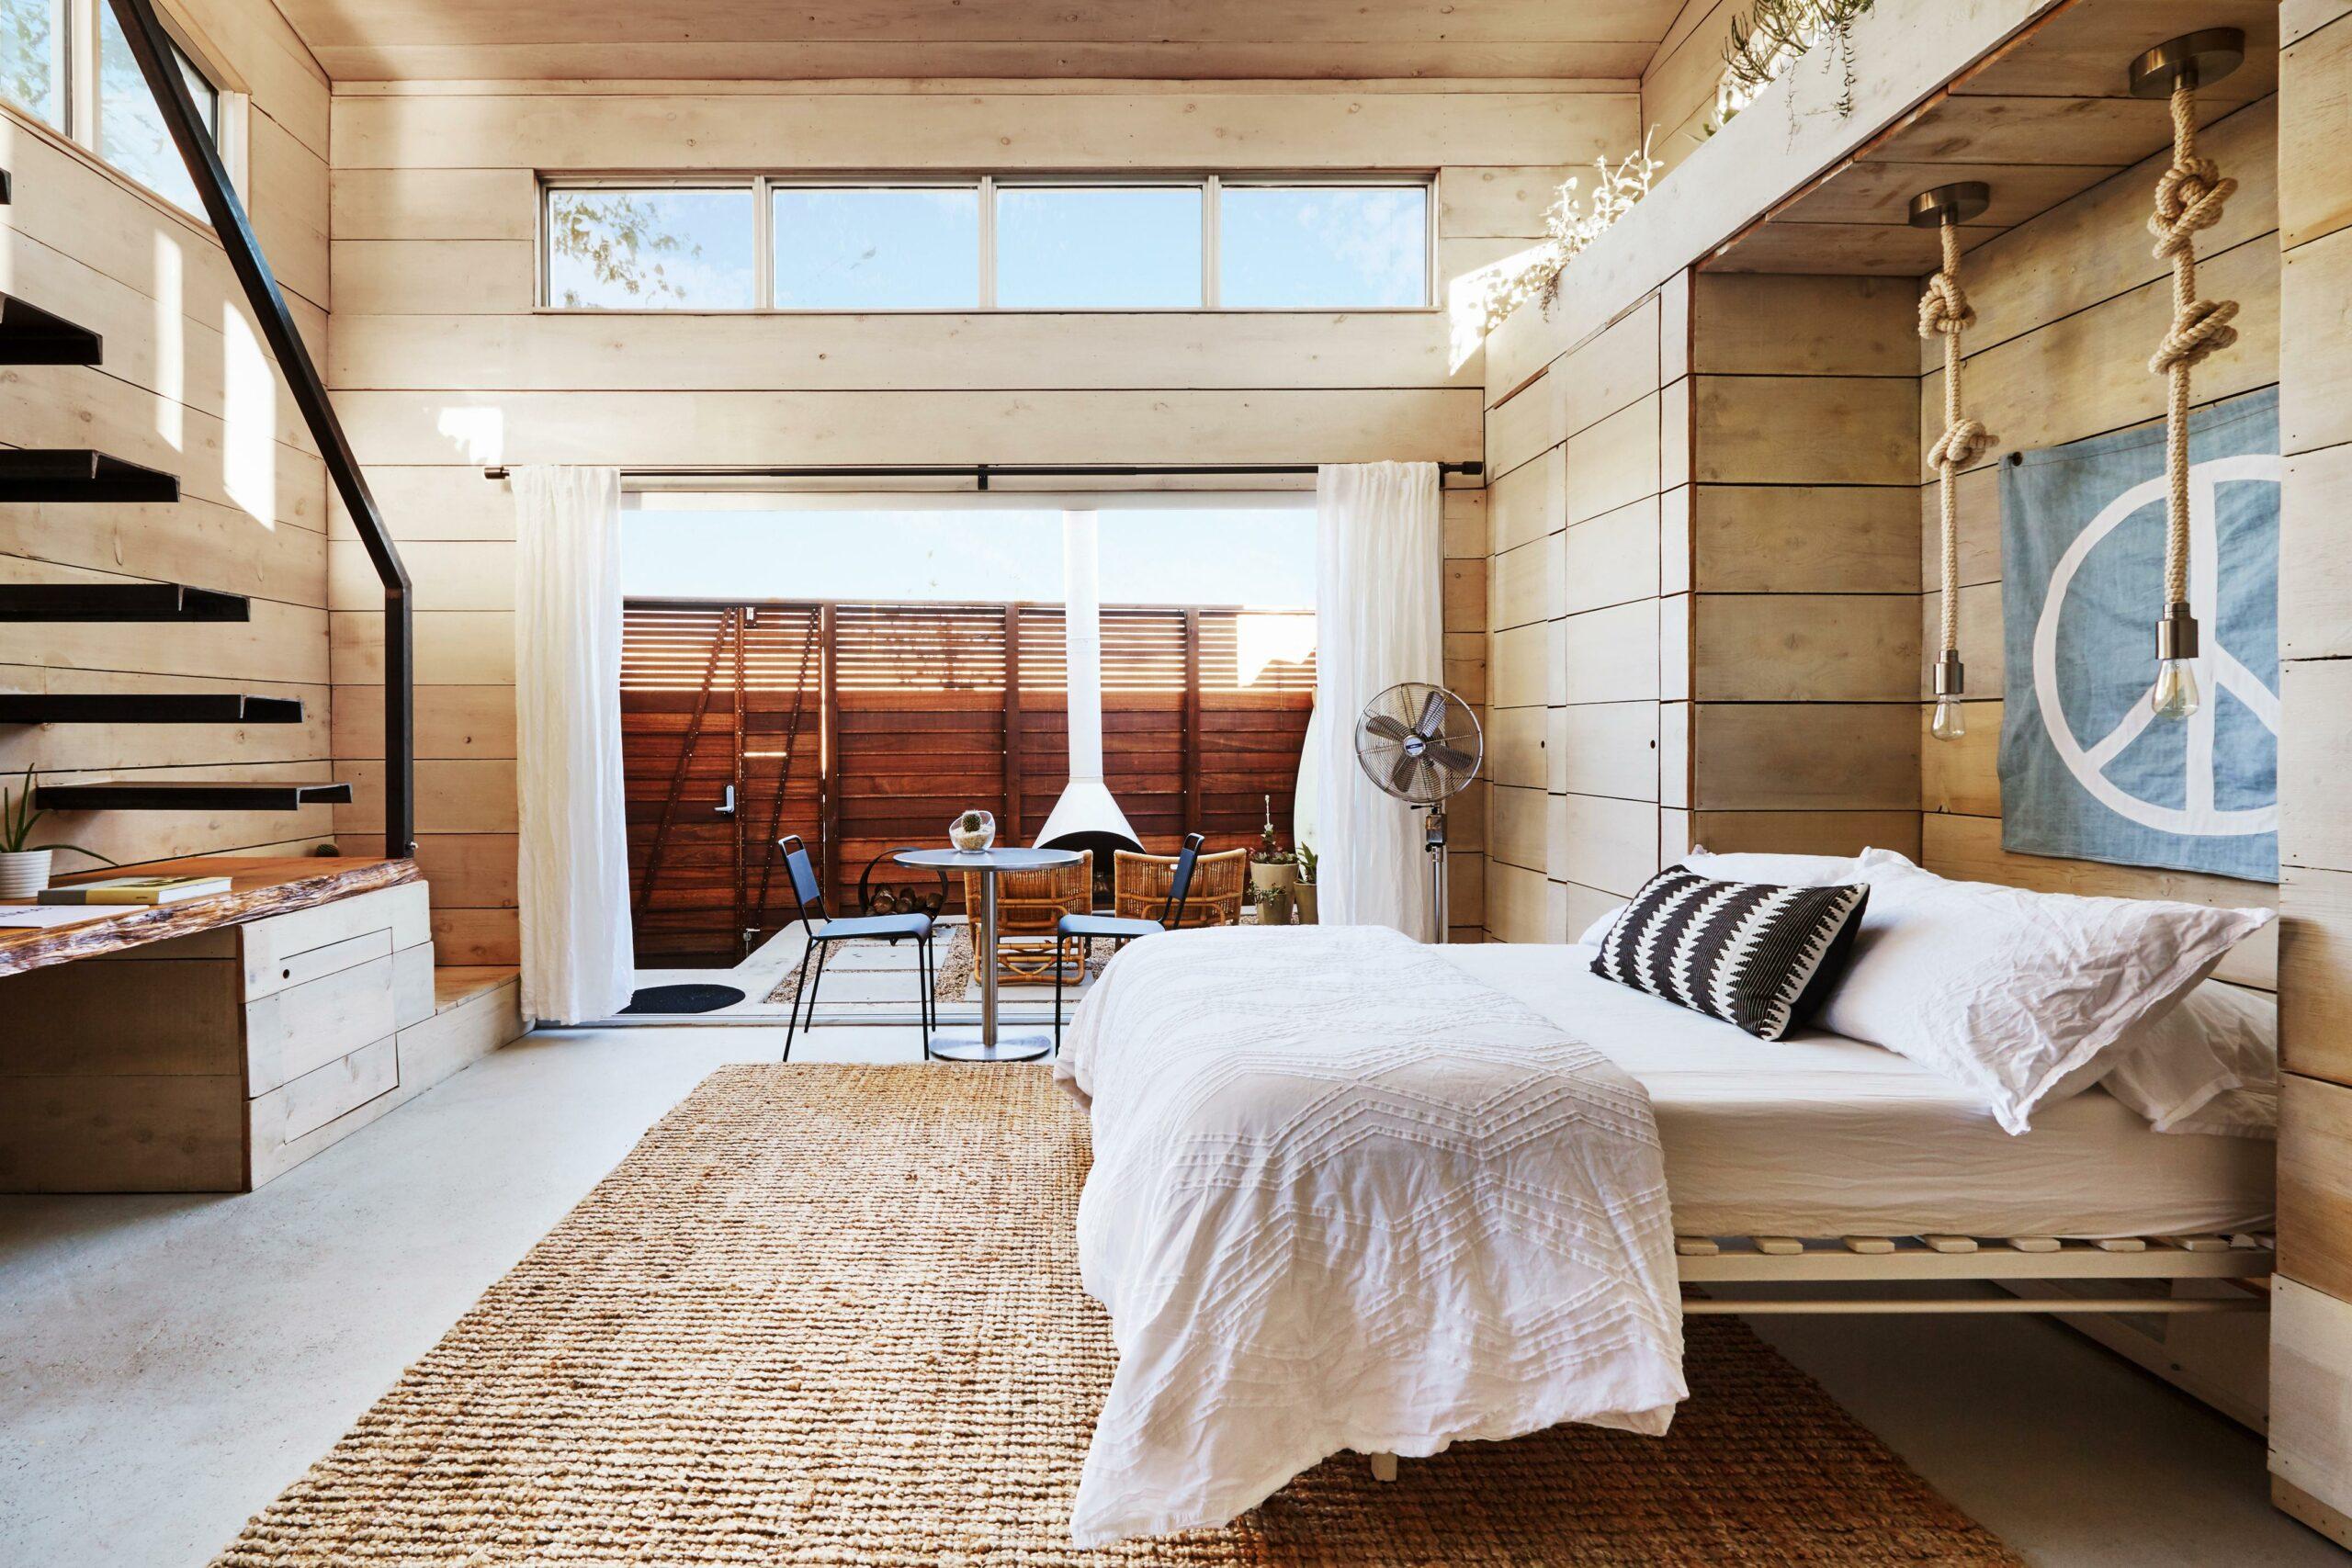 04_Airbnb Plus bedroom interior image